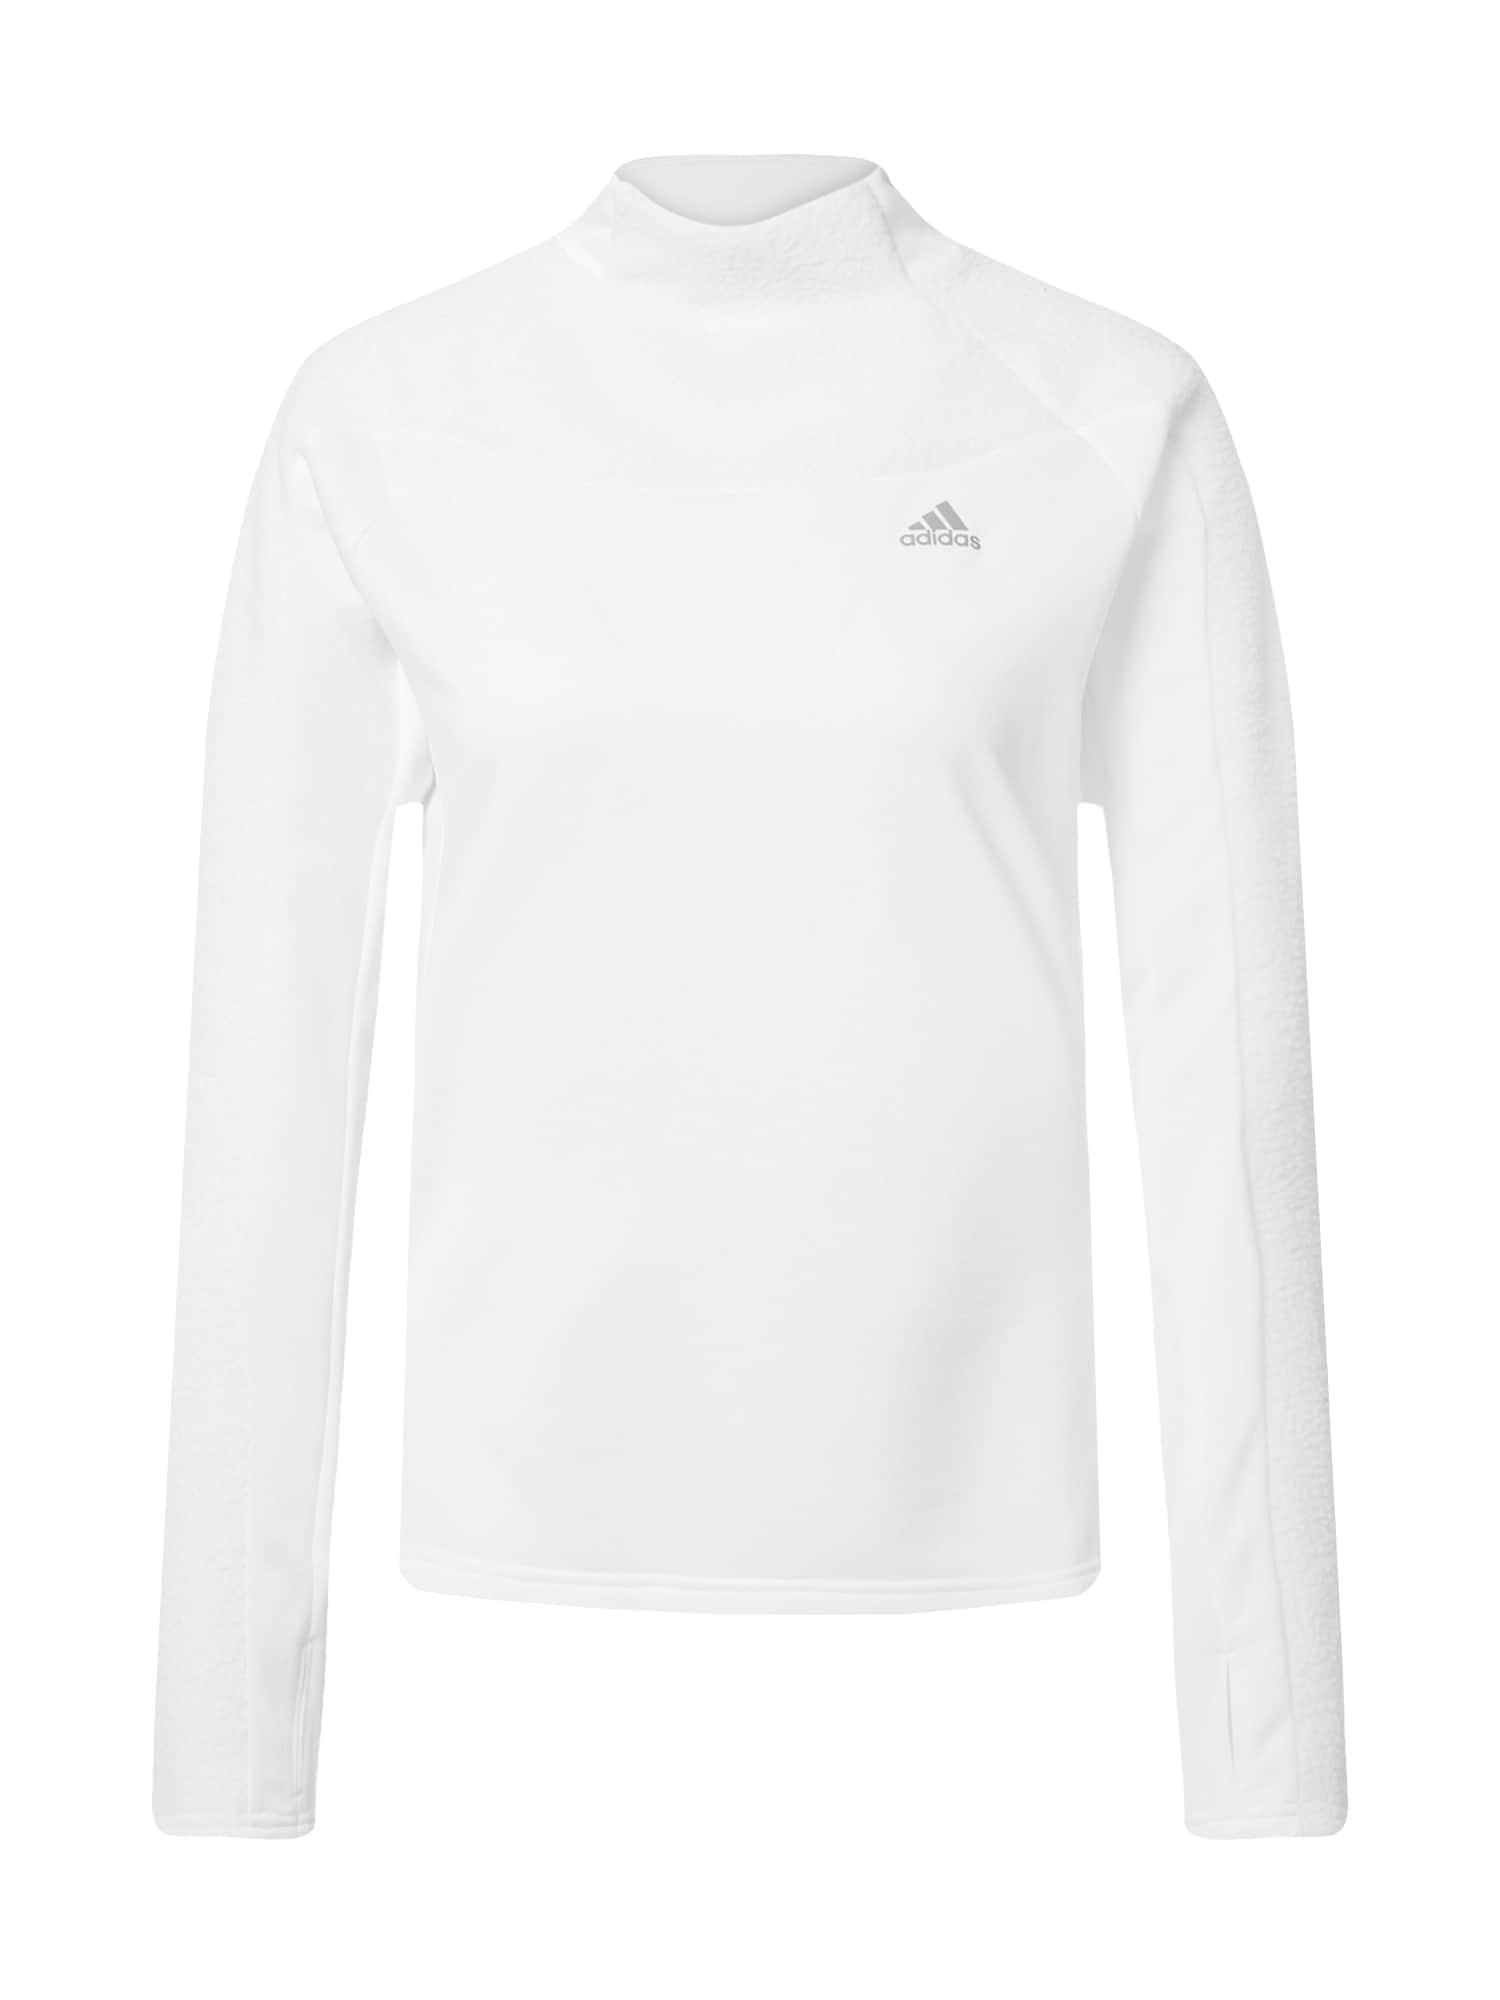 ADIDAS PERFORMANCE Sportiniai marškinėliai 'WARM' balta